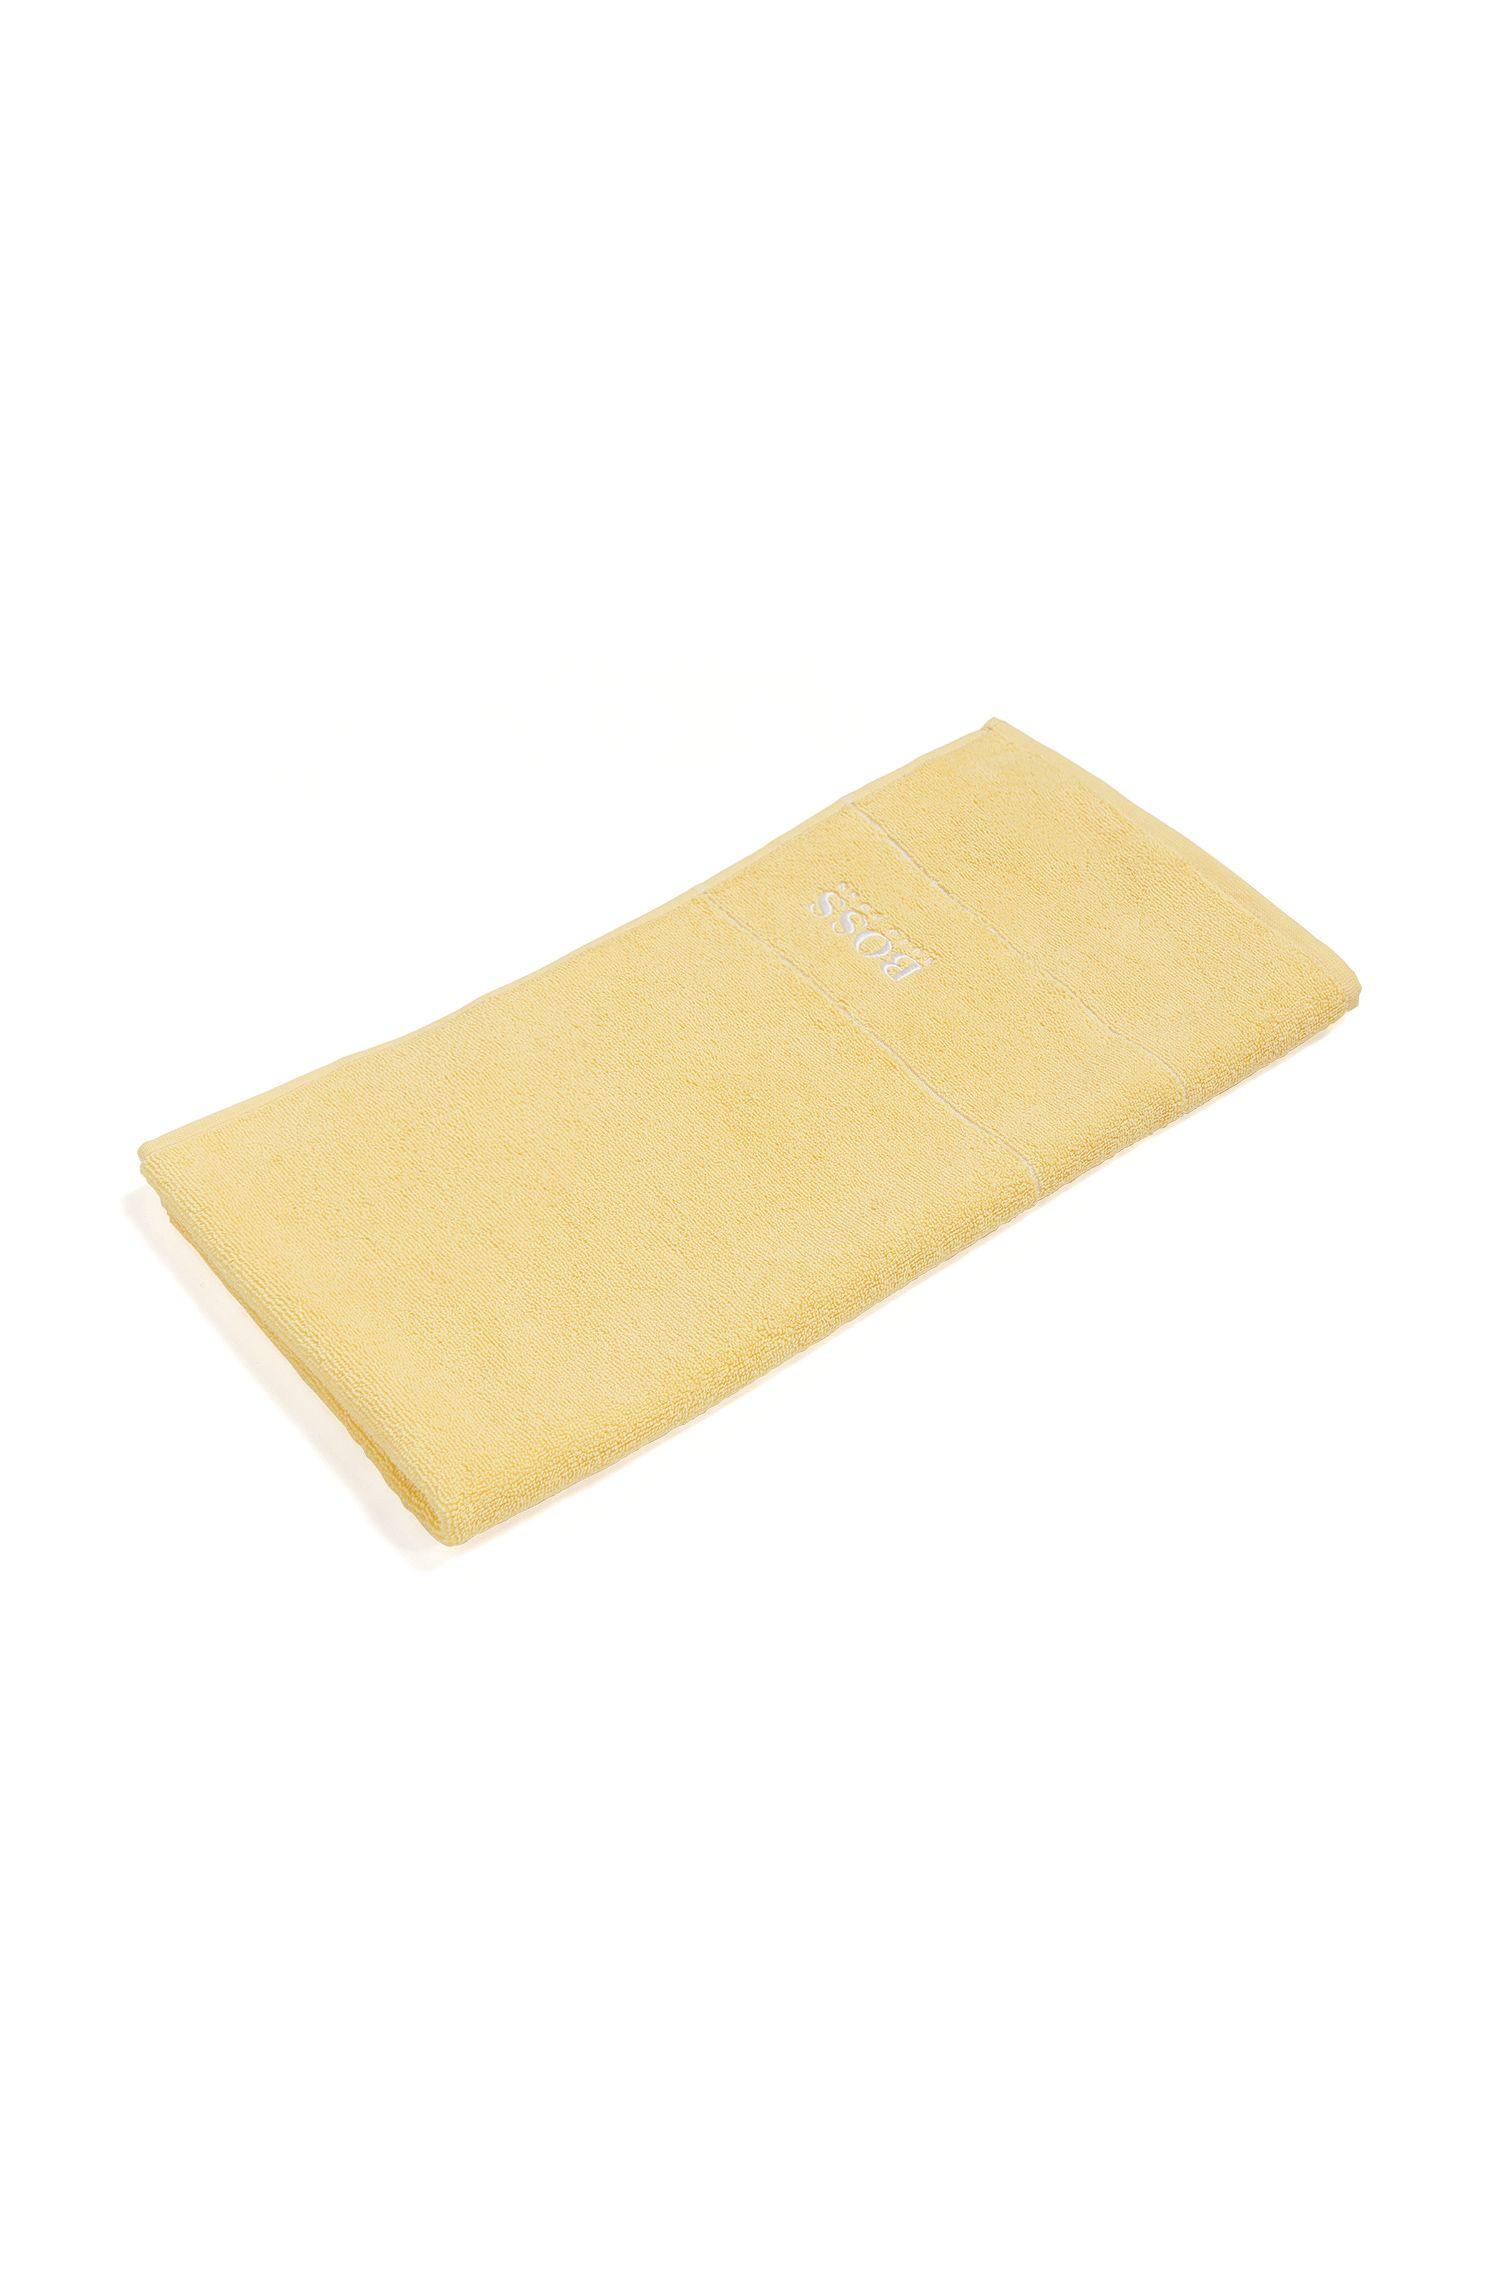 Handdoek 'PLAIN Serviette toile' van een katoenen frotté